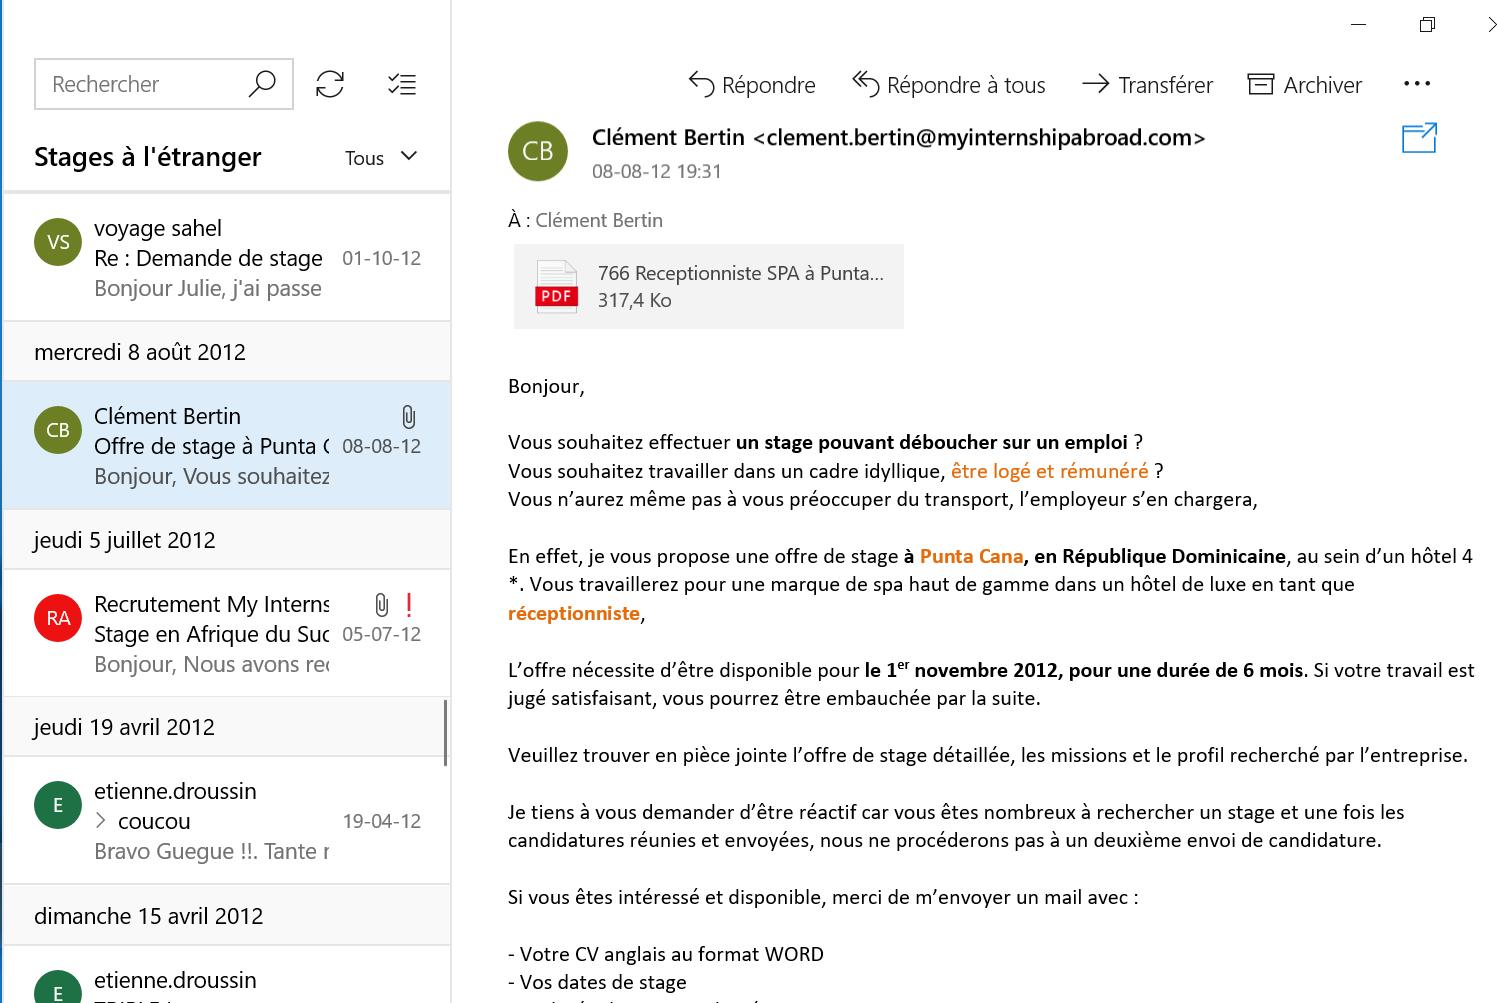 Recherche de stage à l'étranger email 7